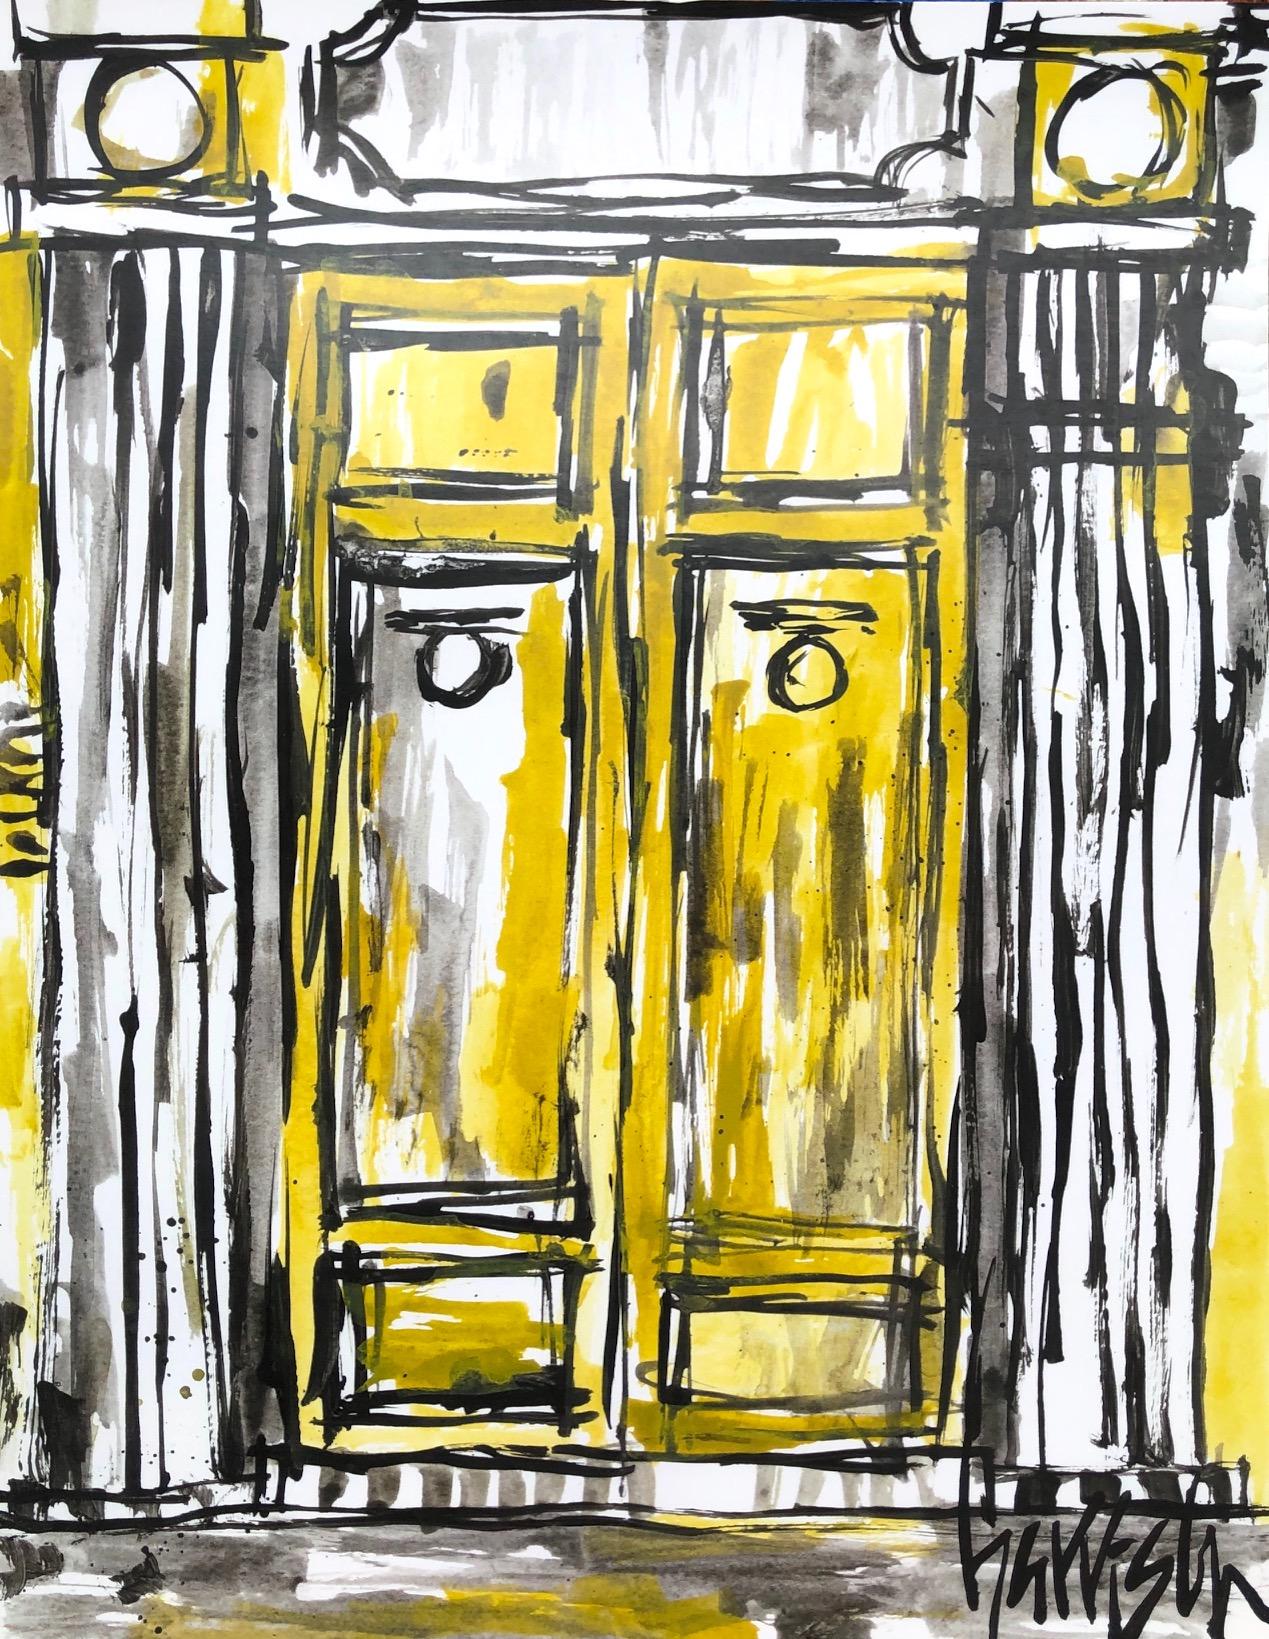 UPTOWN DOOR PRINT 2